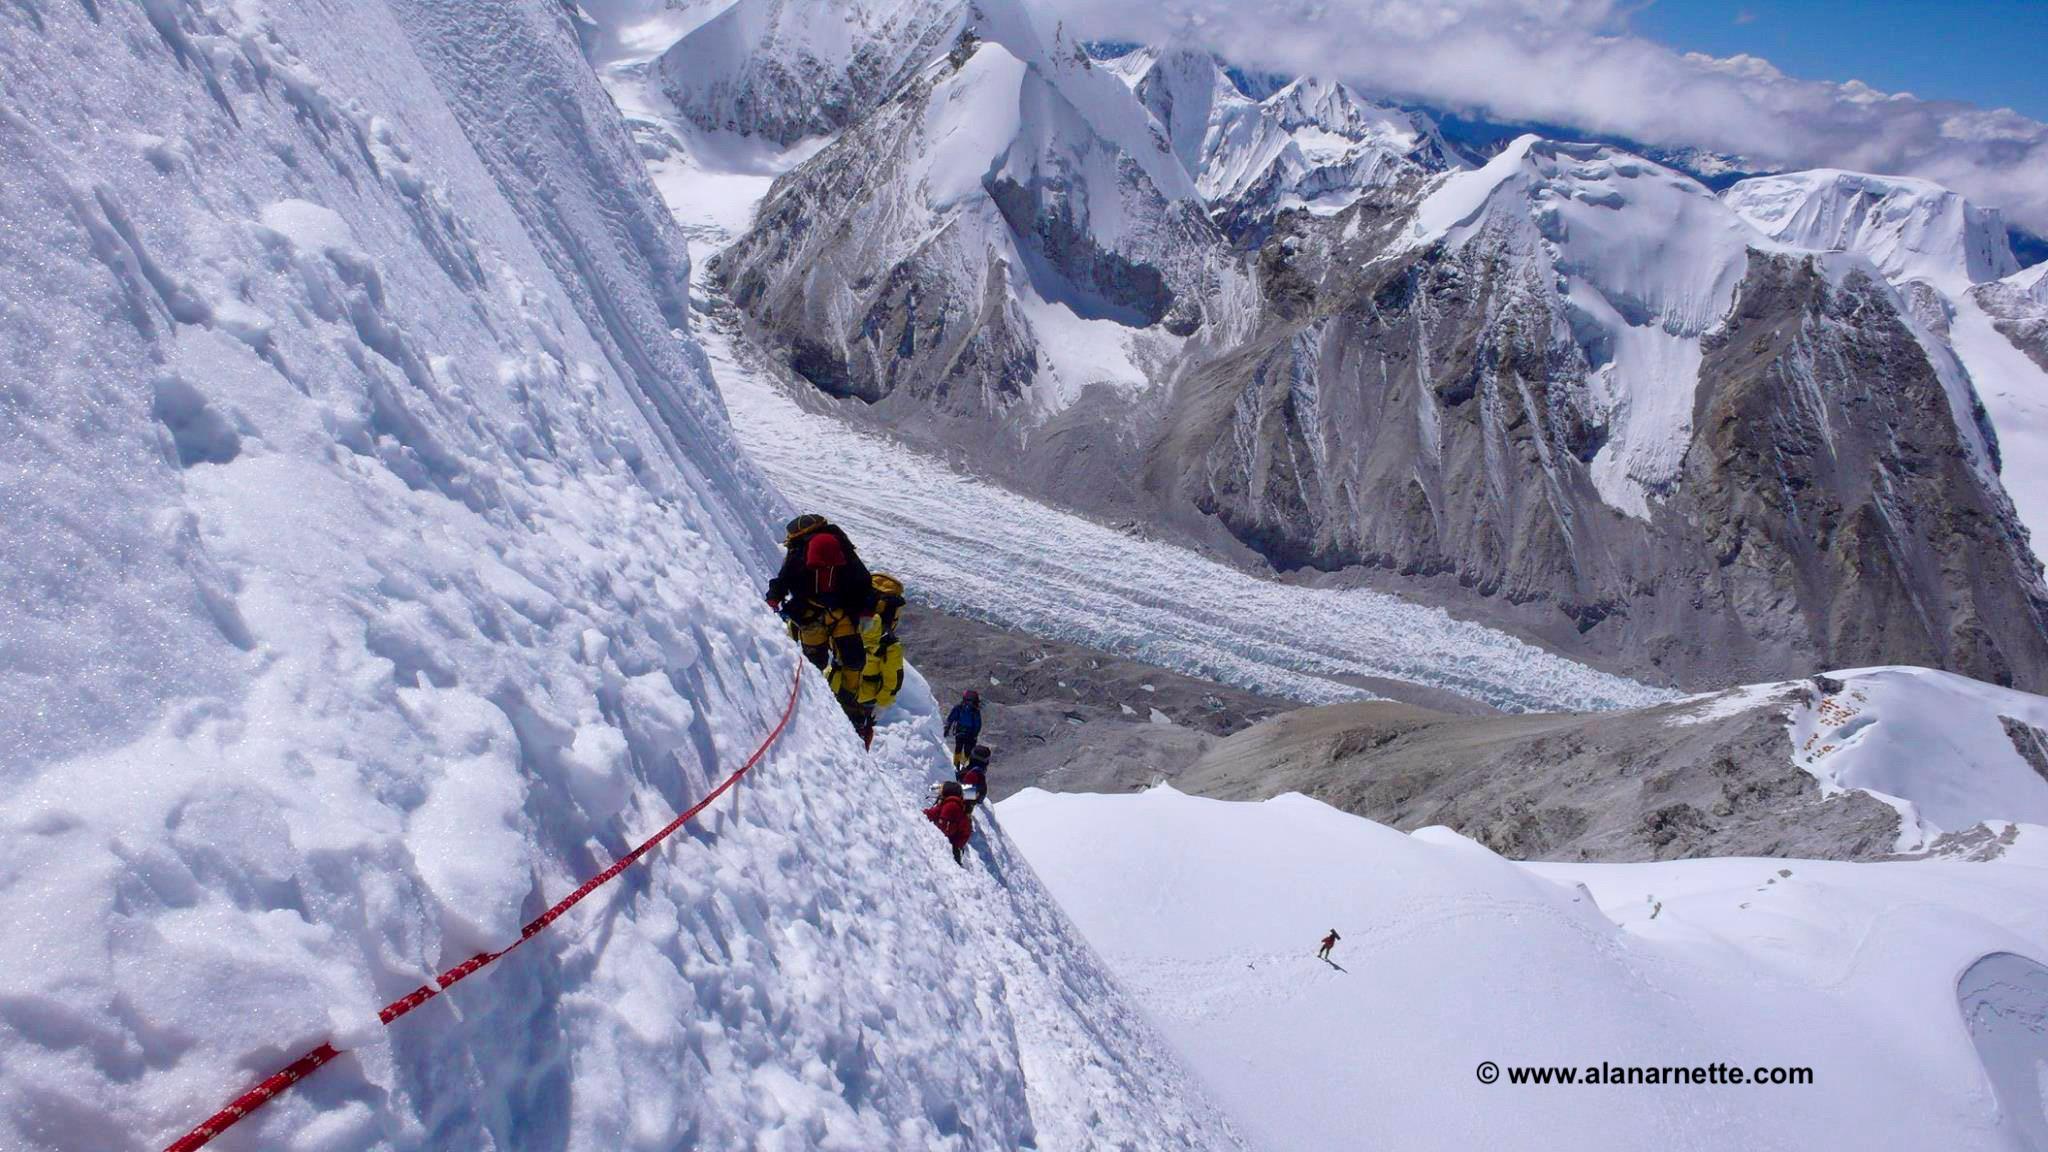 K2 Traverse 2014 © www.alanarnette.com